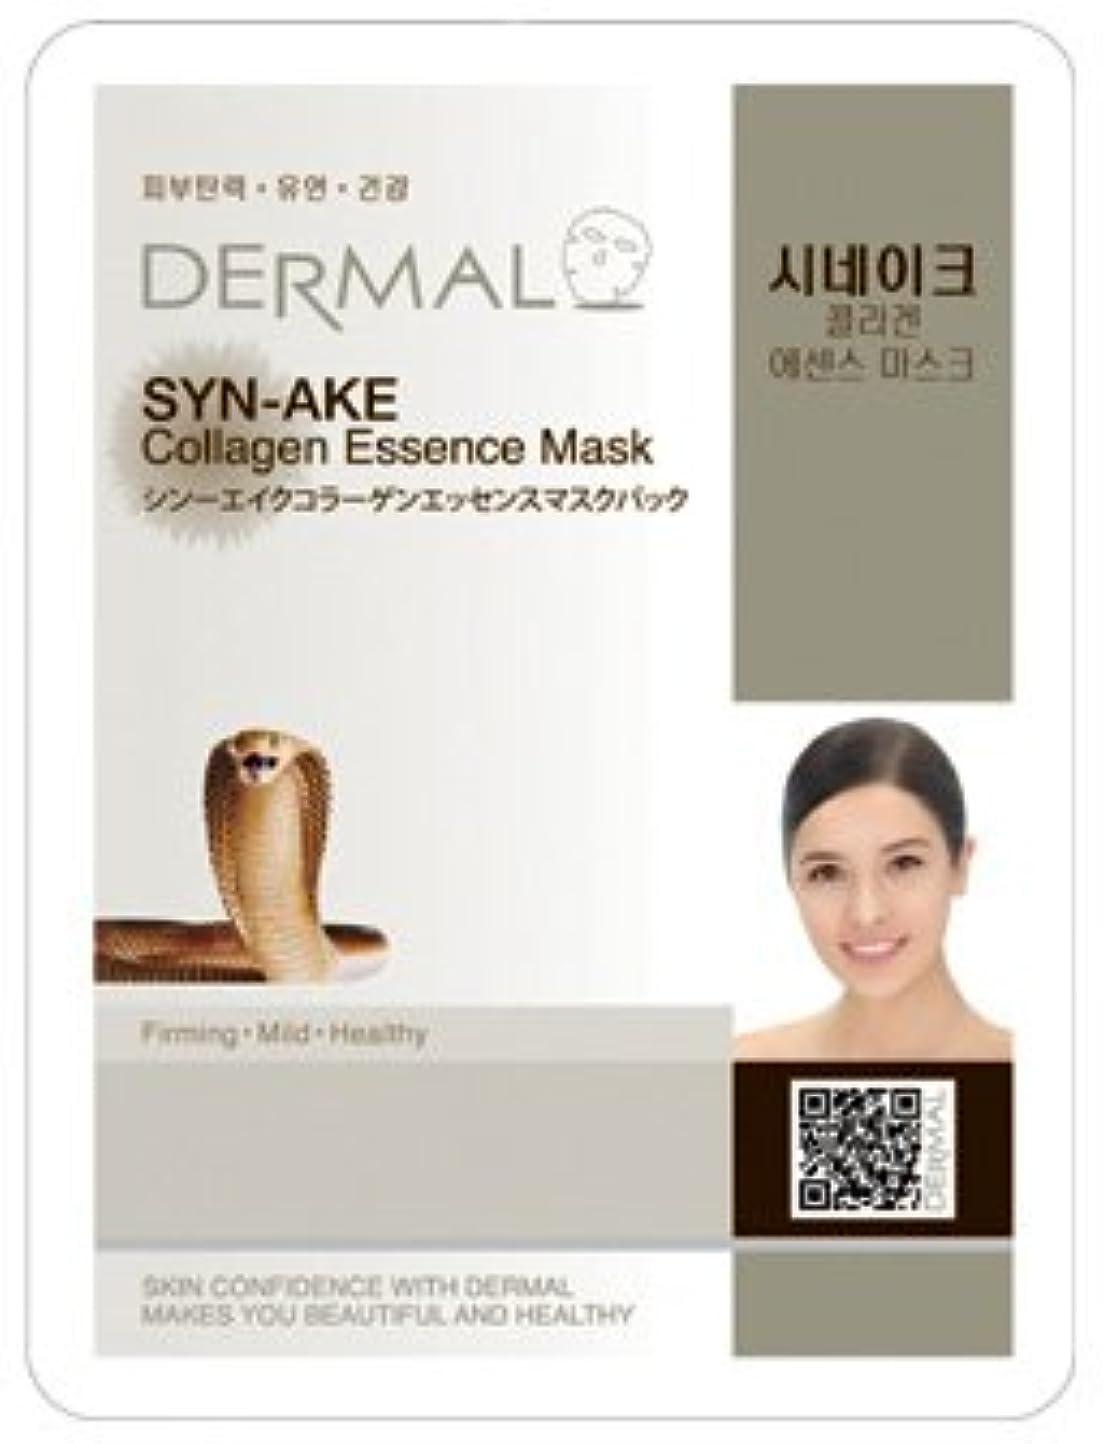 雲糞公平な蛇毒シートマスク(フェイスパック) シンエイク 10枚セット ダーマル(Dermal)